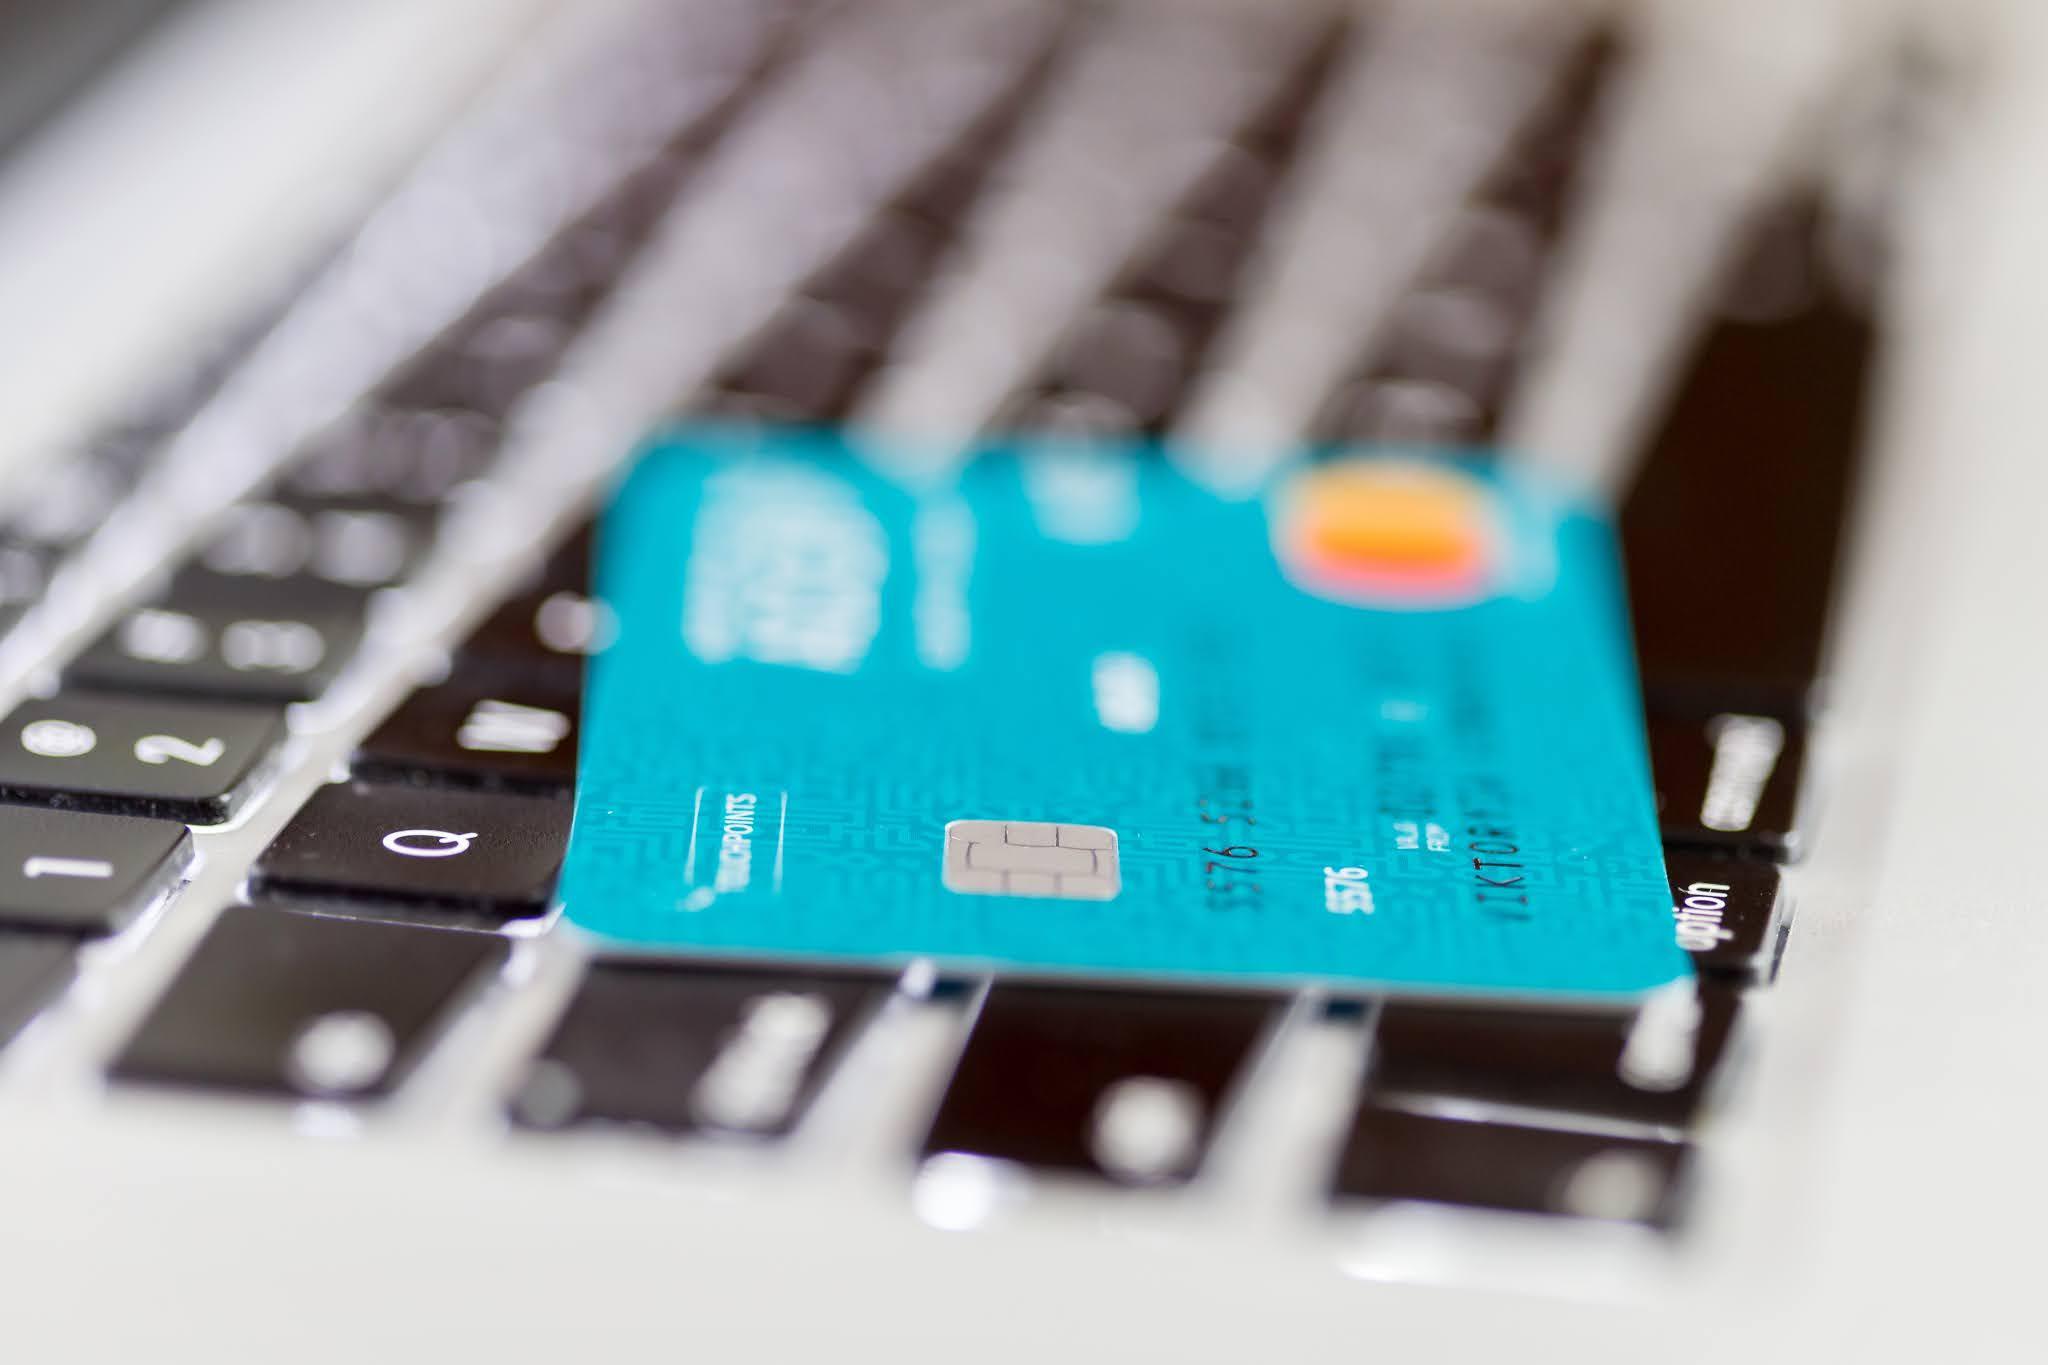 ماستركارد يكشف عن اقتراحات المستهلكين بالإمارات لتطبيق طرق دفع جديدة